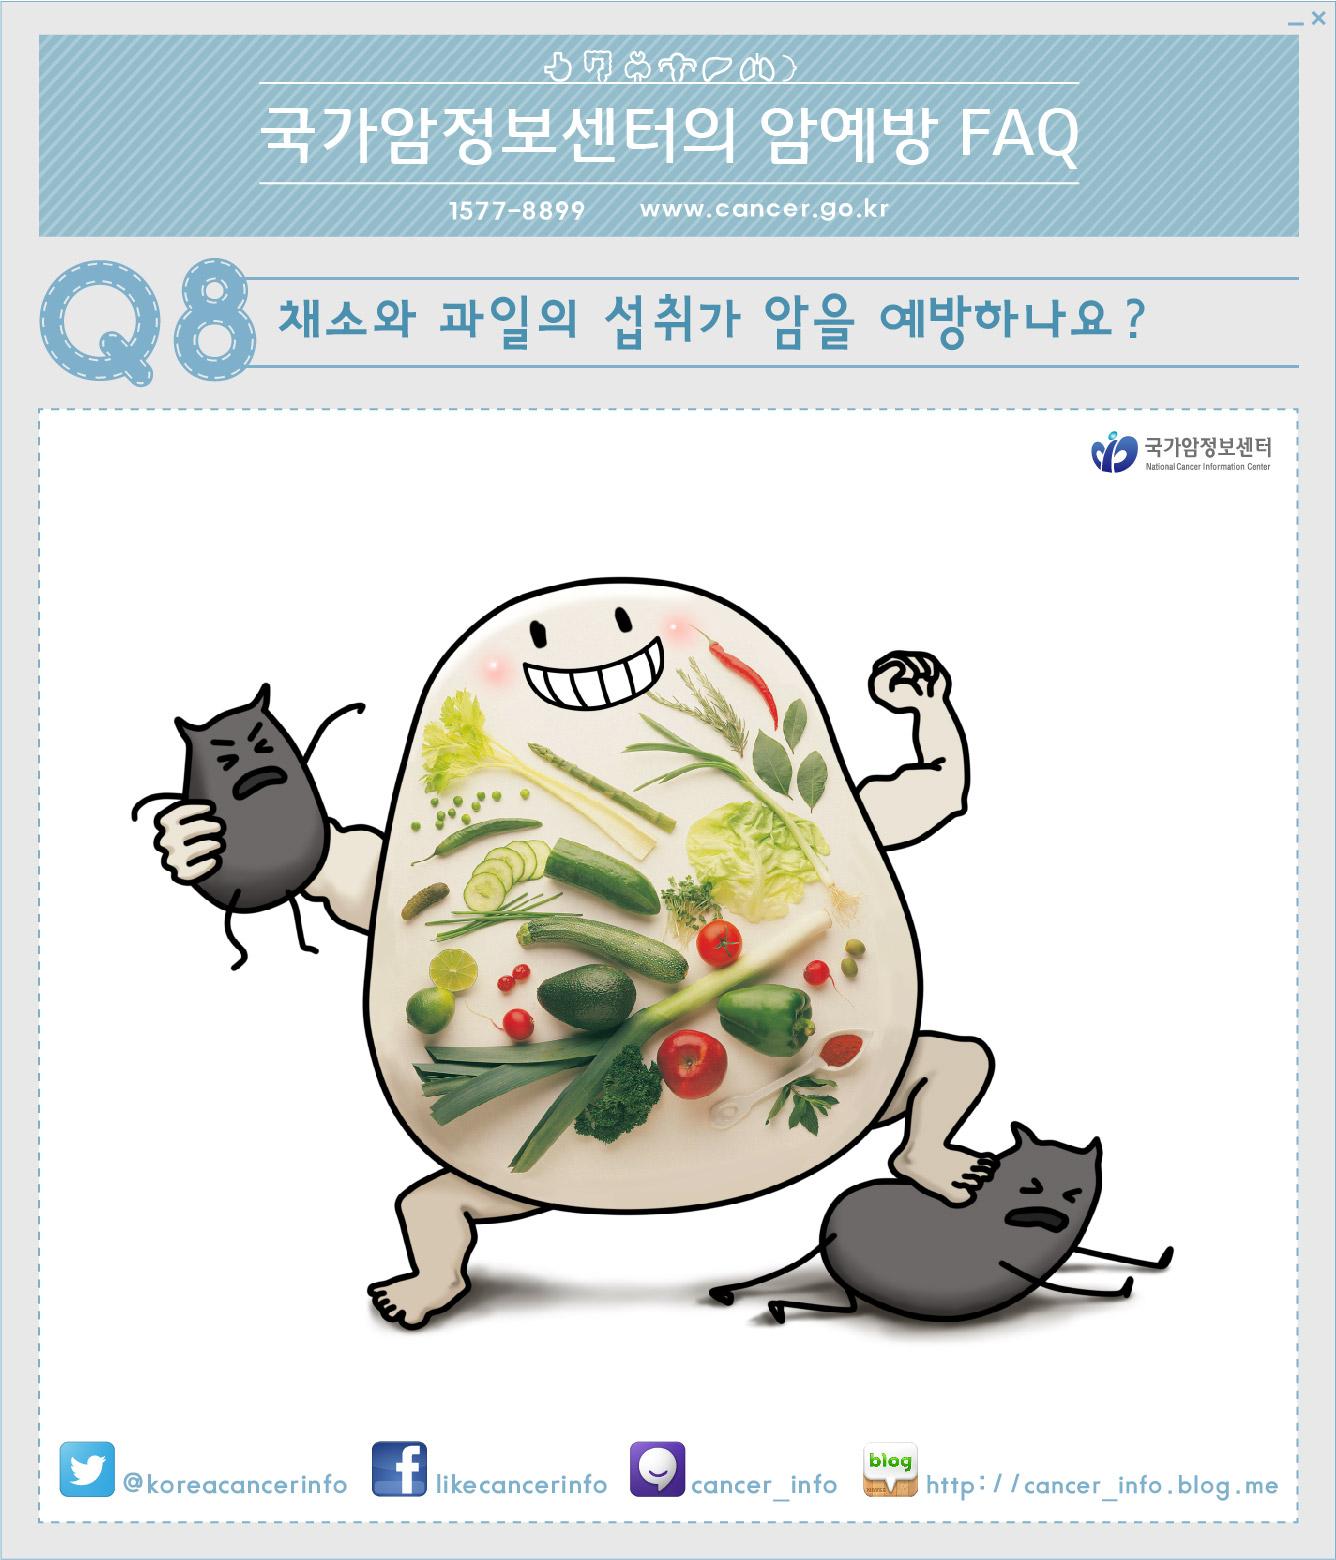 [국가암정보센터 암예방 FAQ] 8. 채소와 과일의 ..